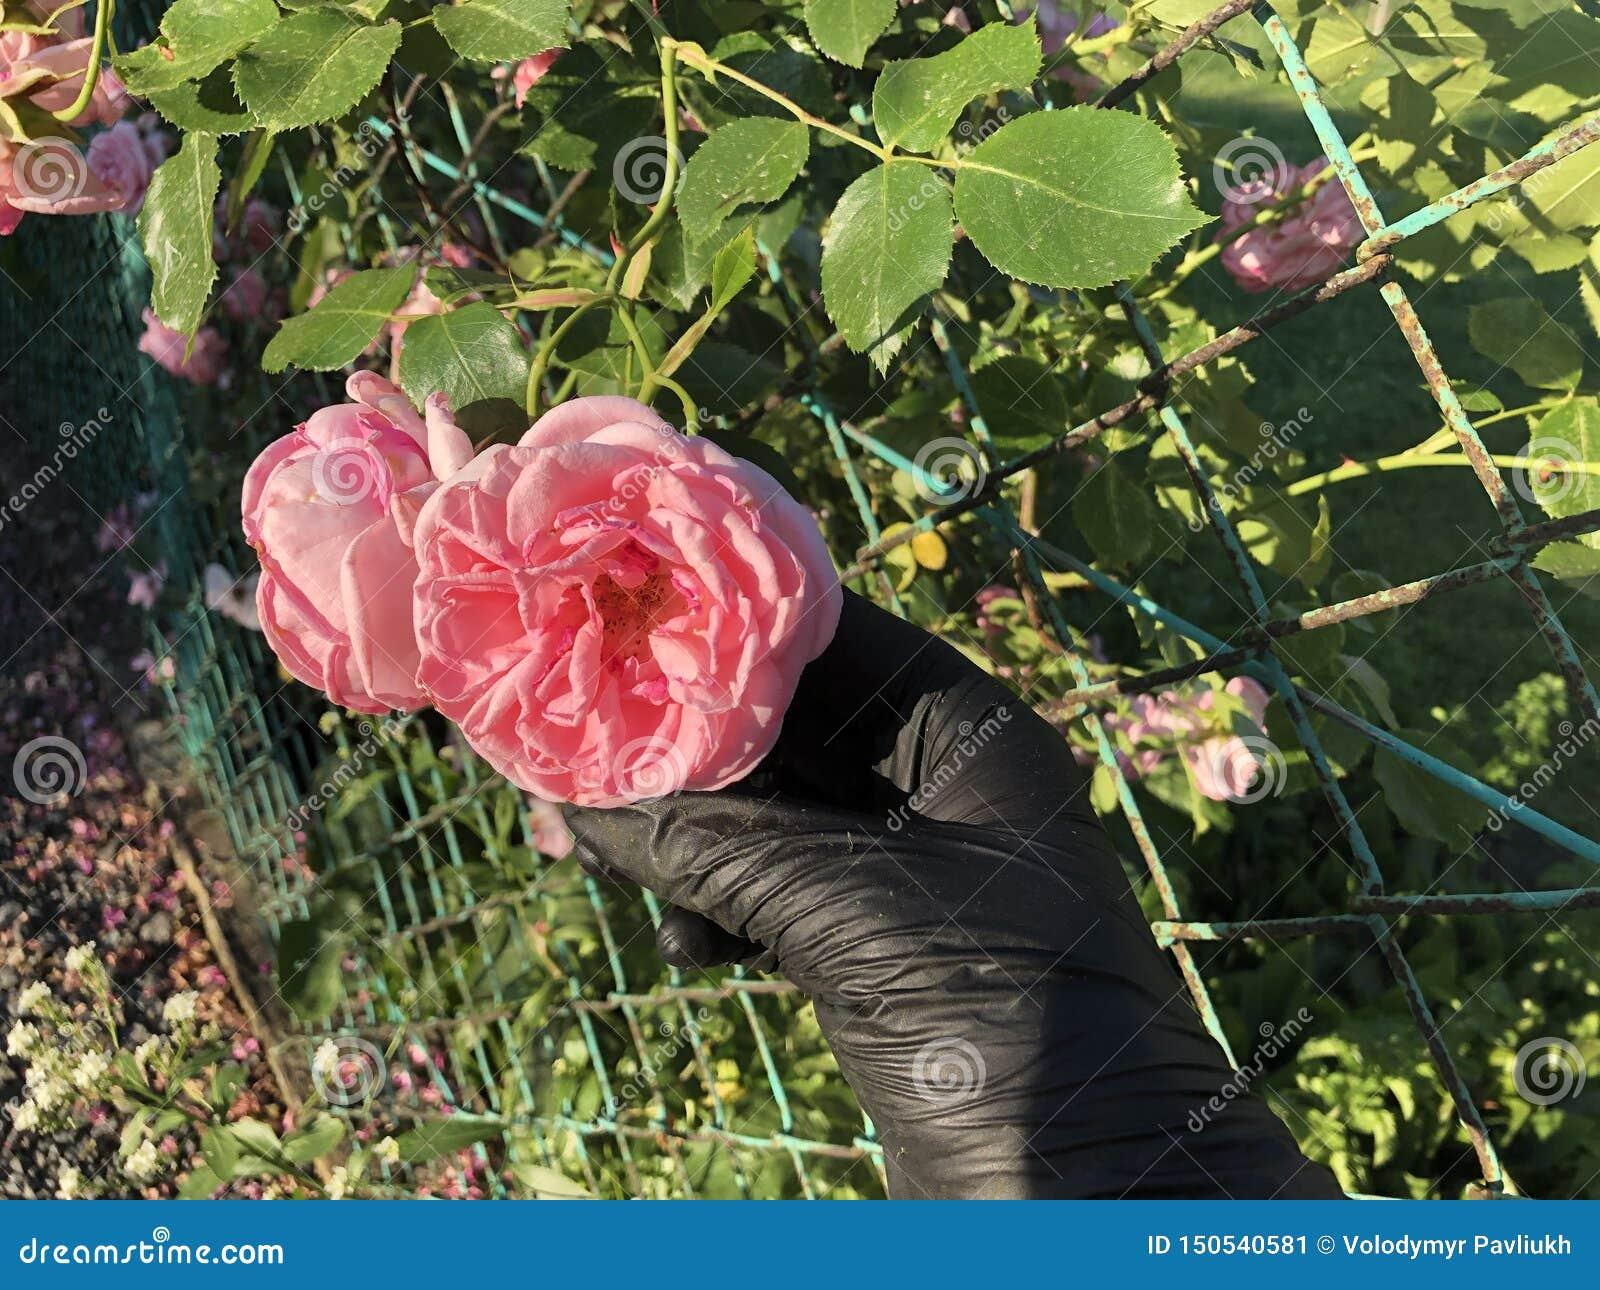 Rosa rosor med en hand i svarta handskar